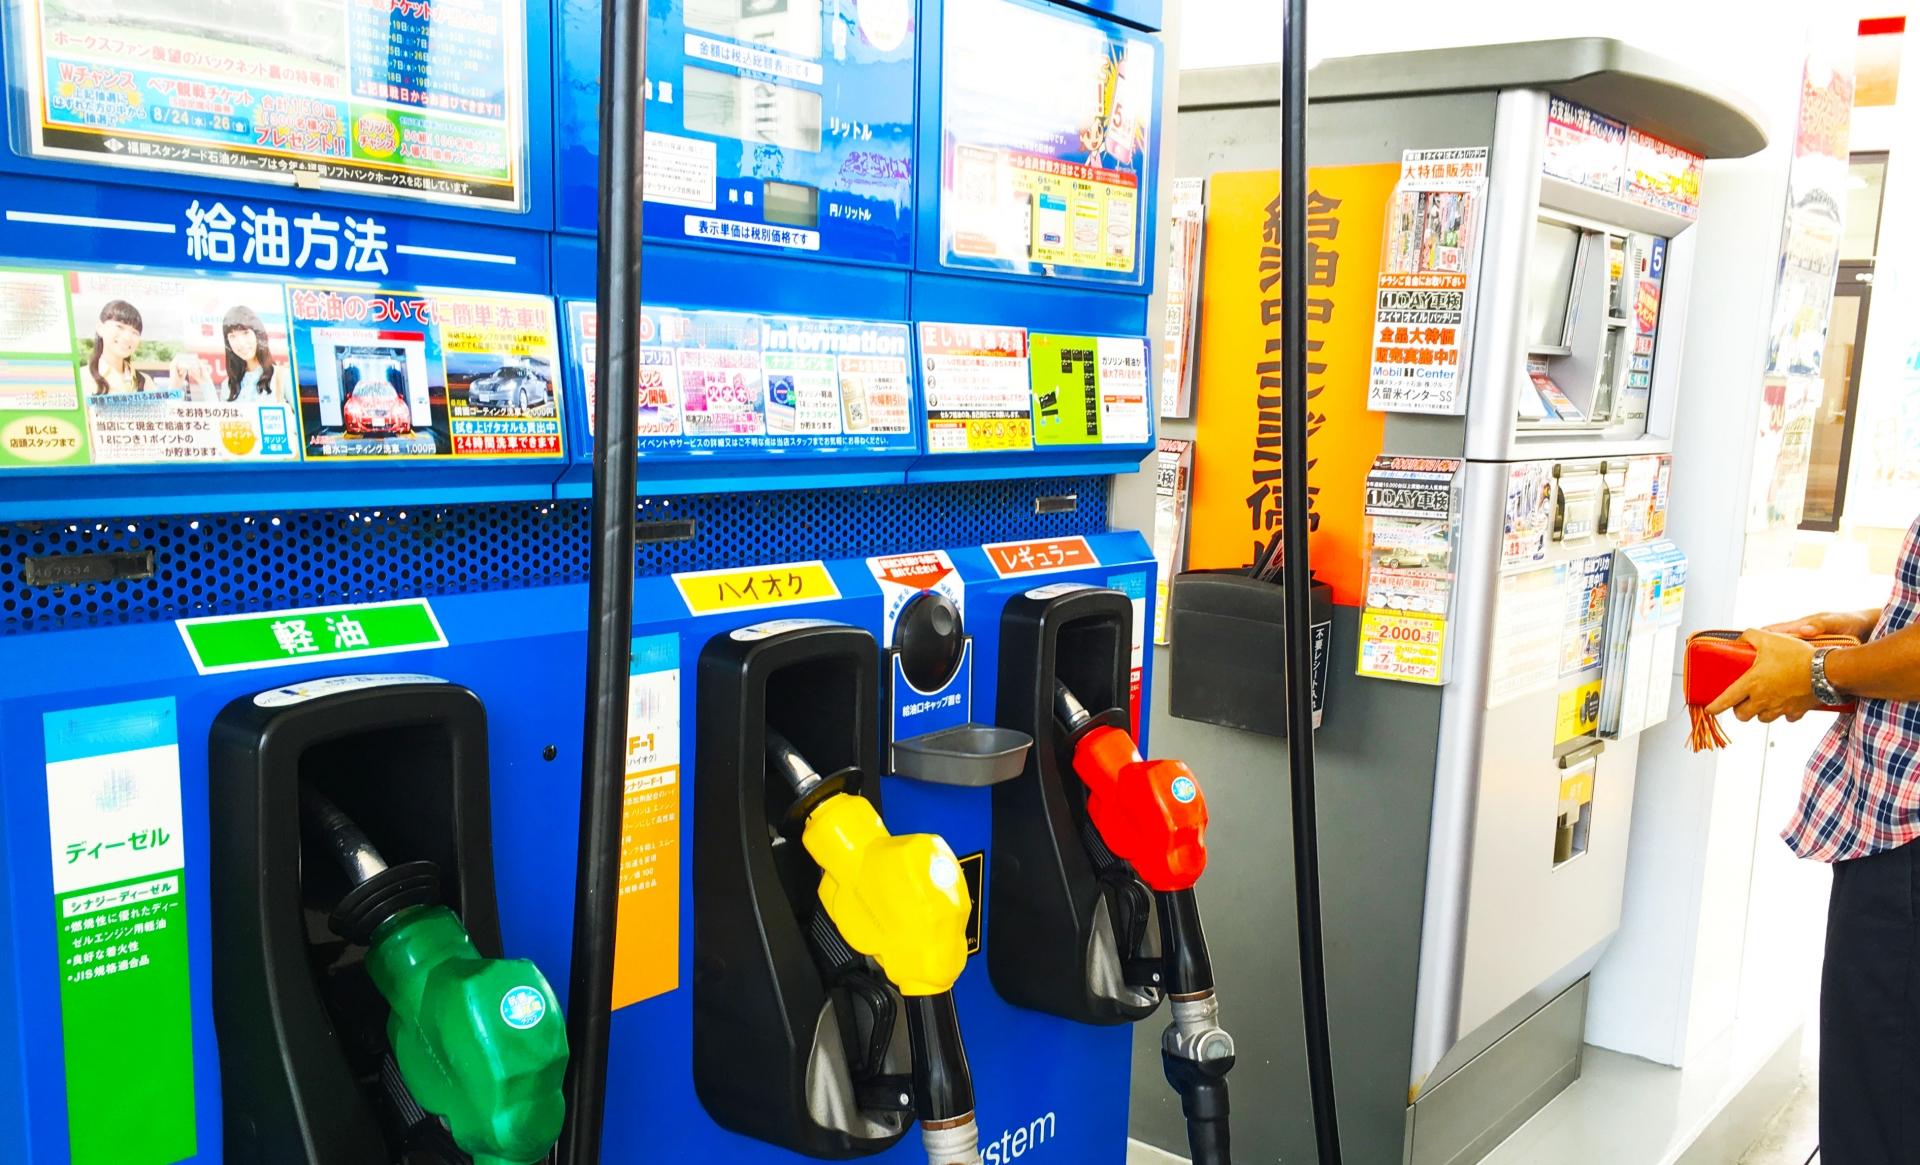 日本中のスタンドが「ENEOS」だらけになる日